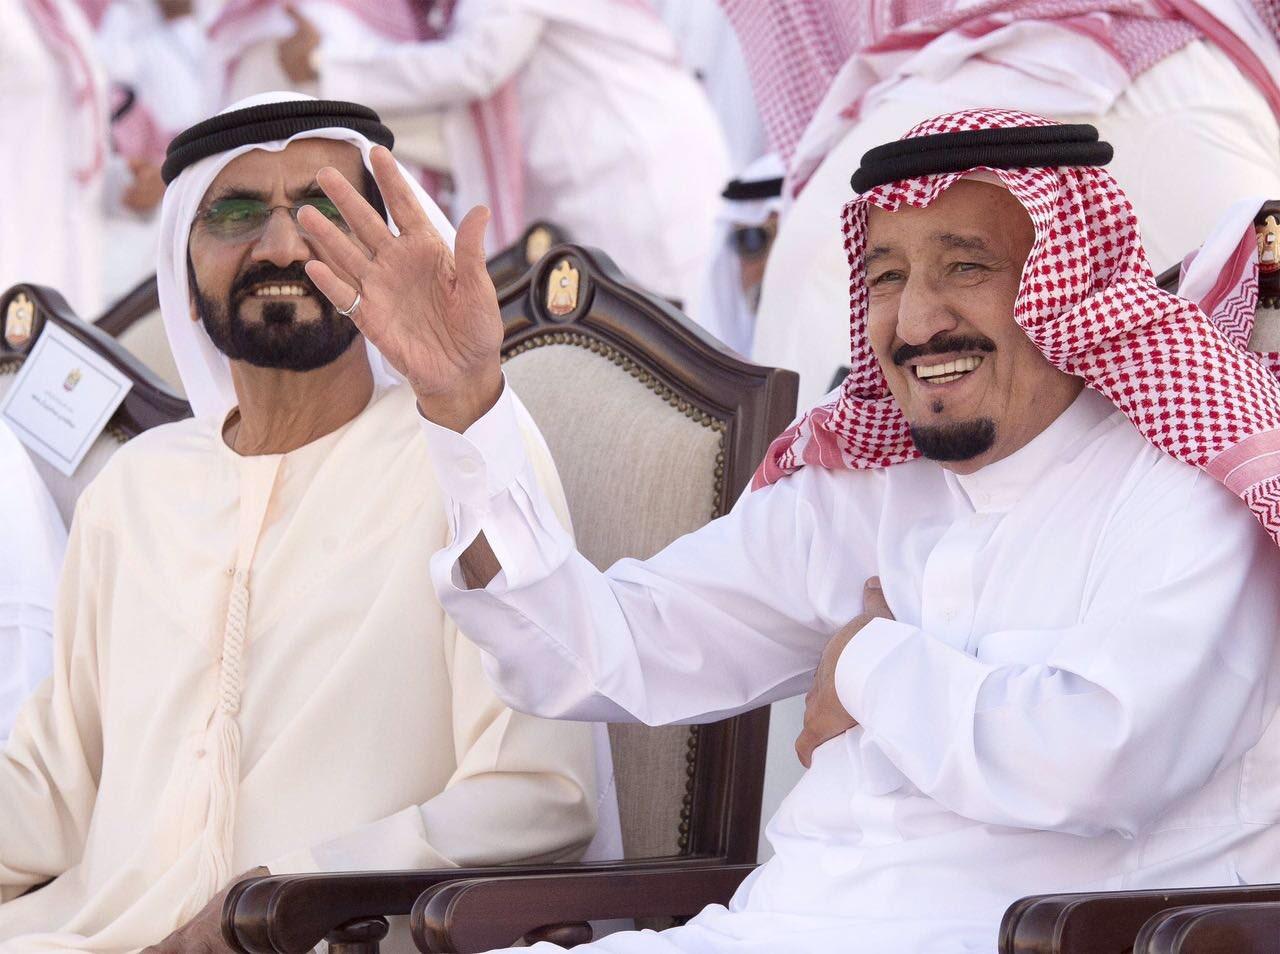 بالفيديو الملك سلمان يتفاعل طرباَ ويلوح بيده